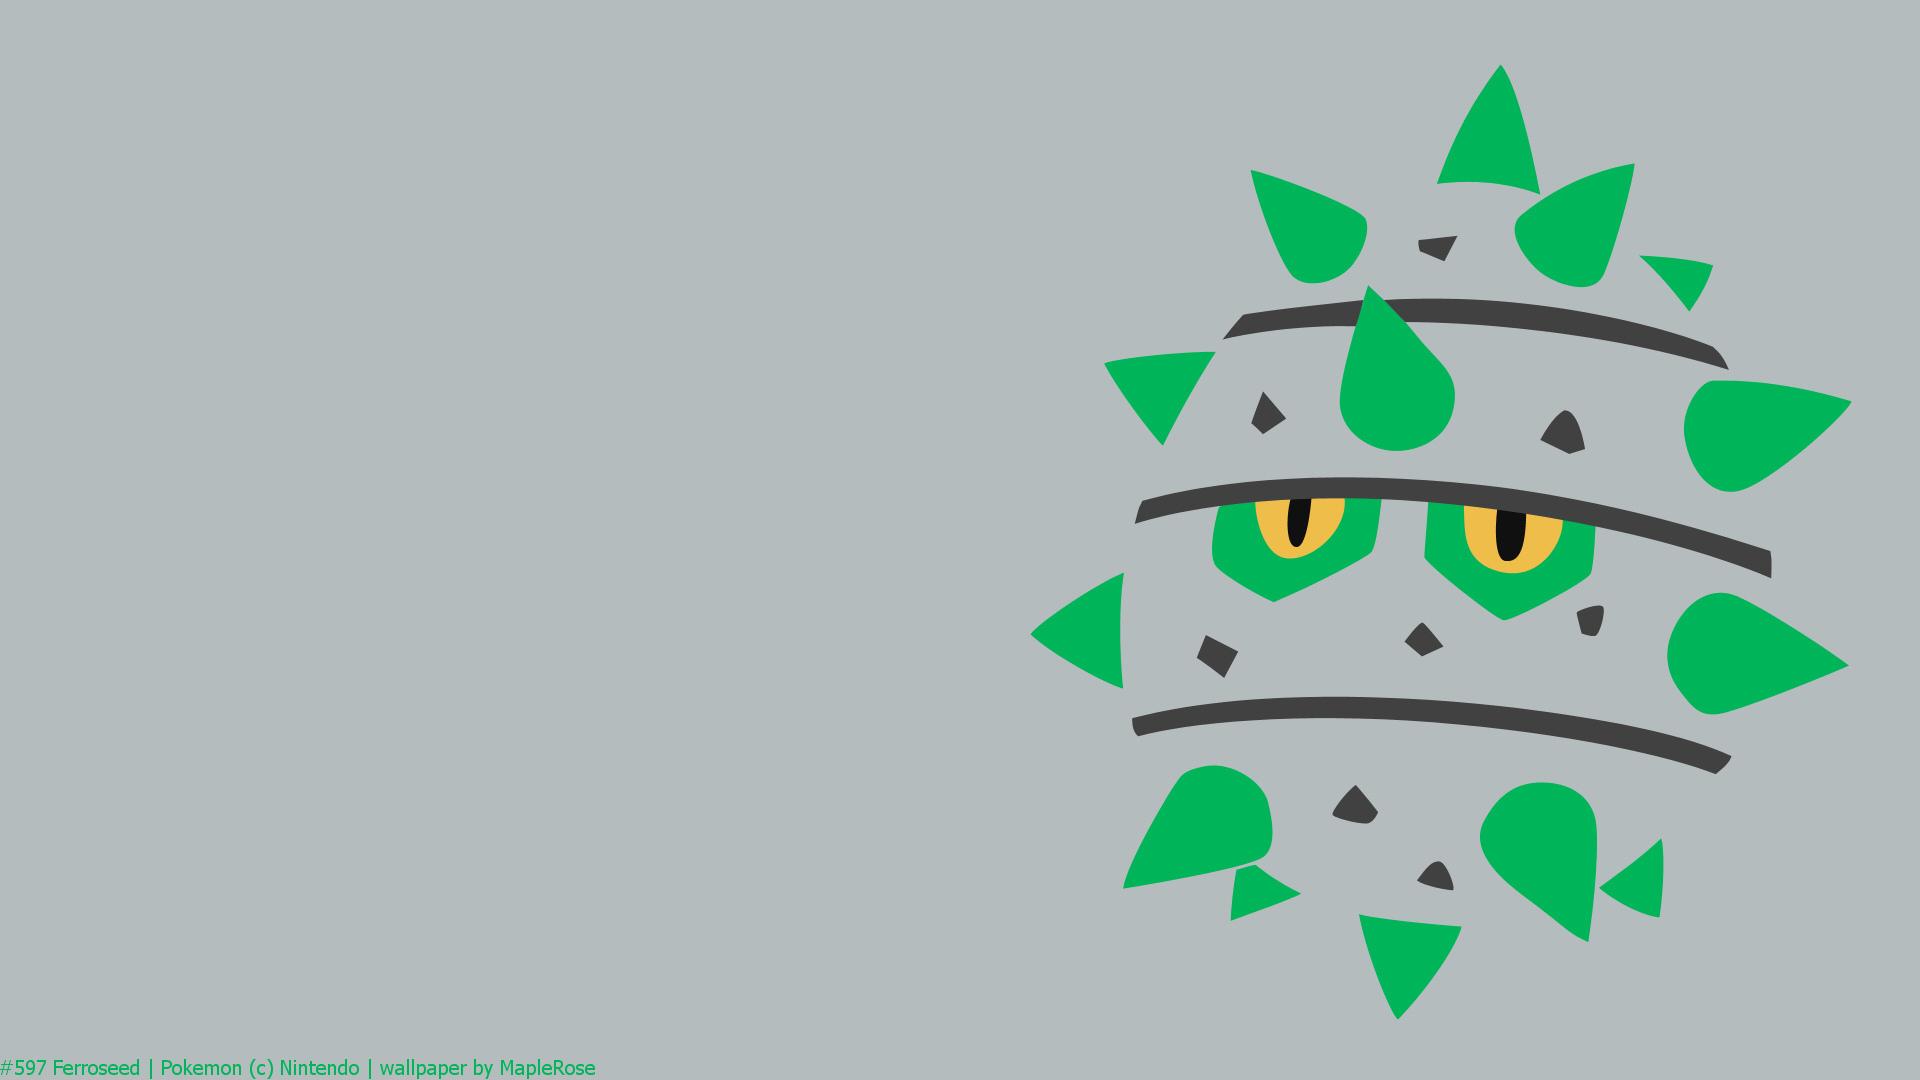 pokemon, ferroseed